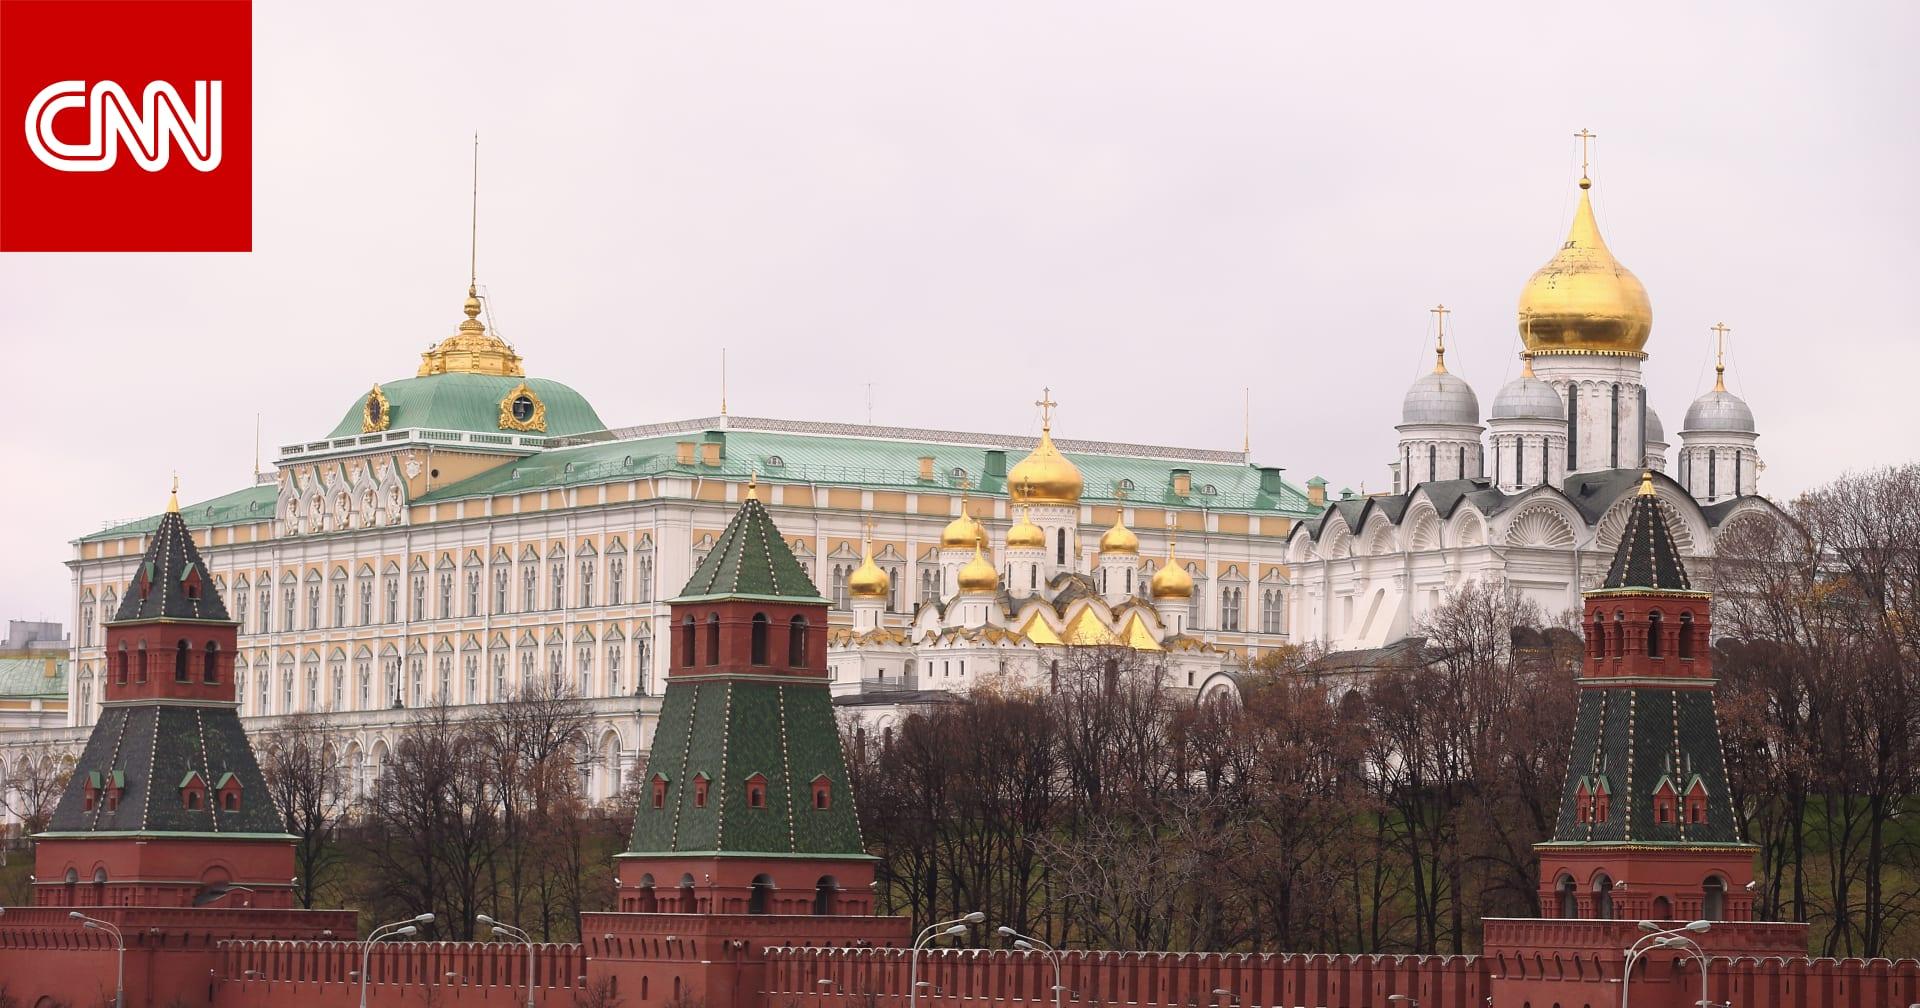 """ما العقوبات التي تفرضها أمريكا على روسيا بعد هجوم شركة """"سولارويندز"""""""